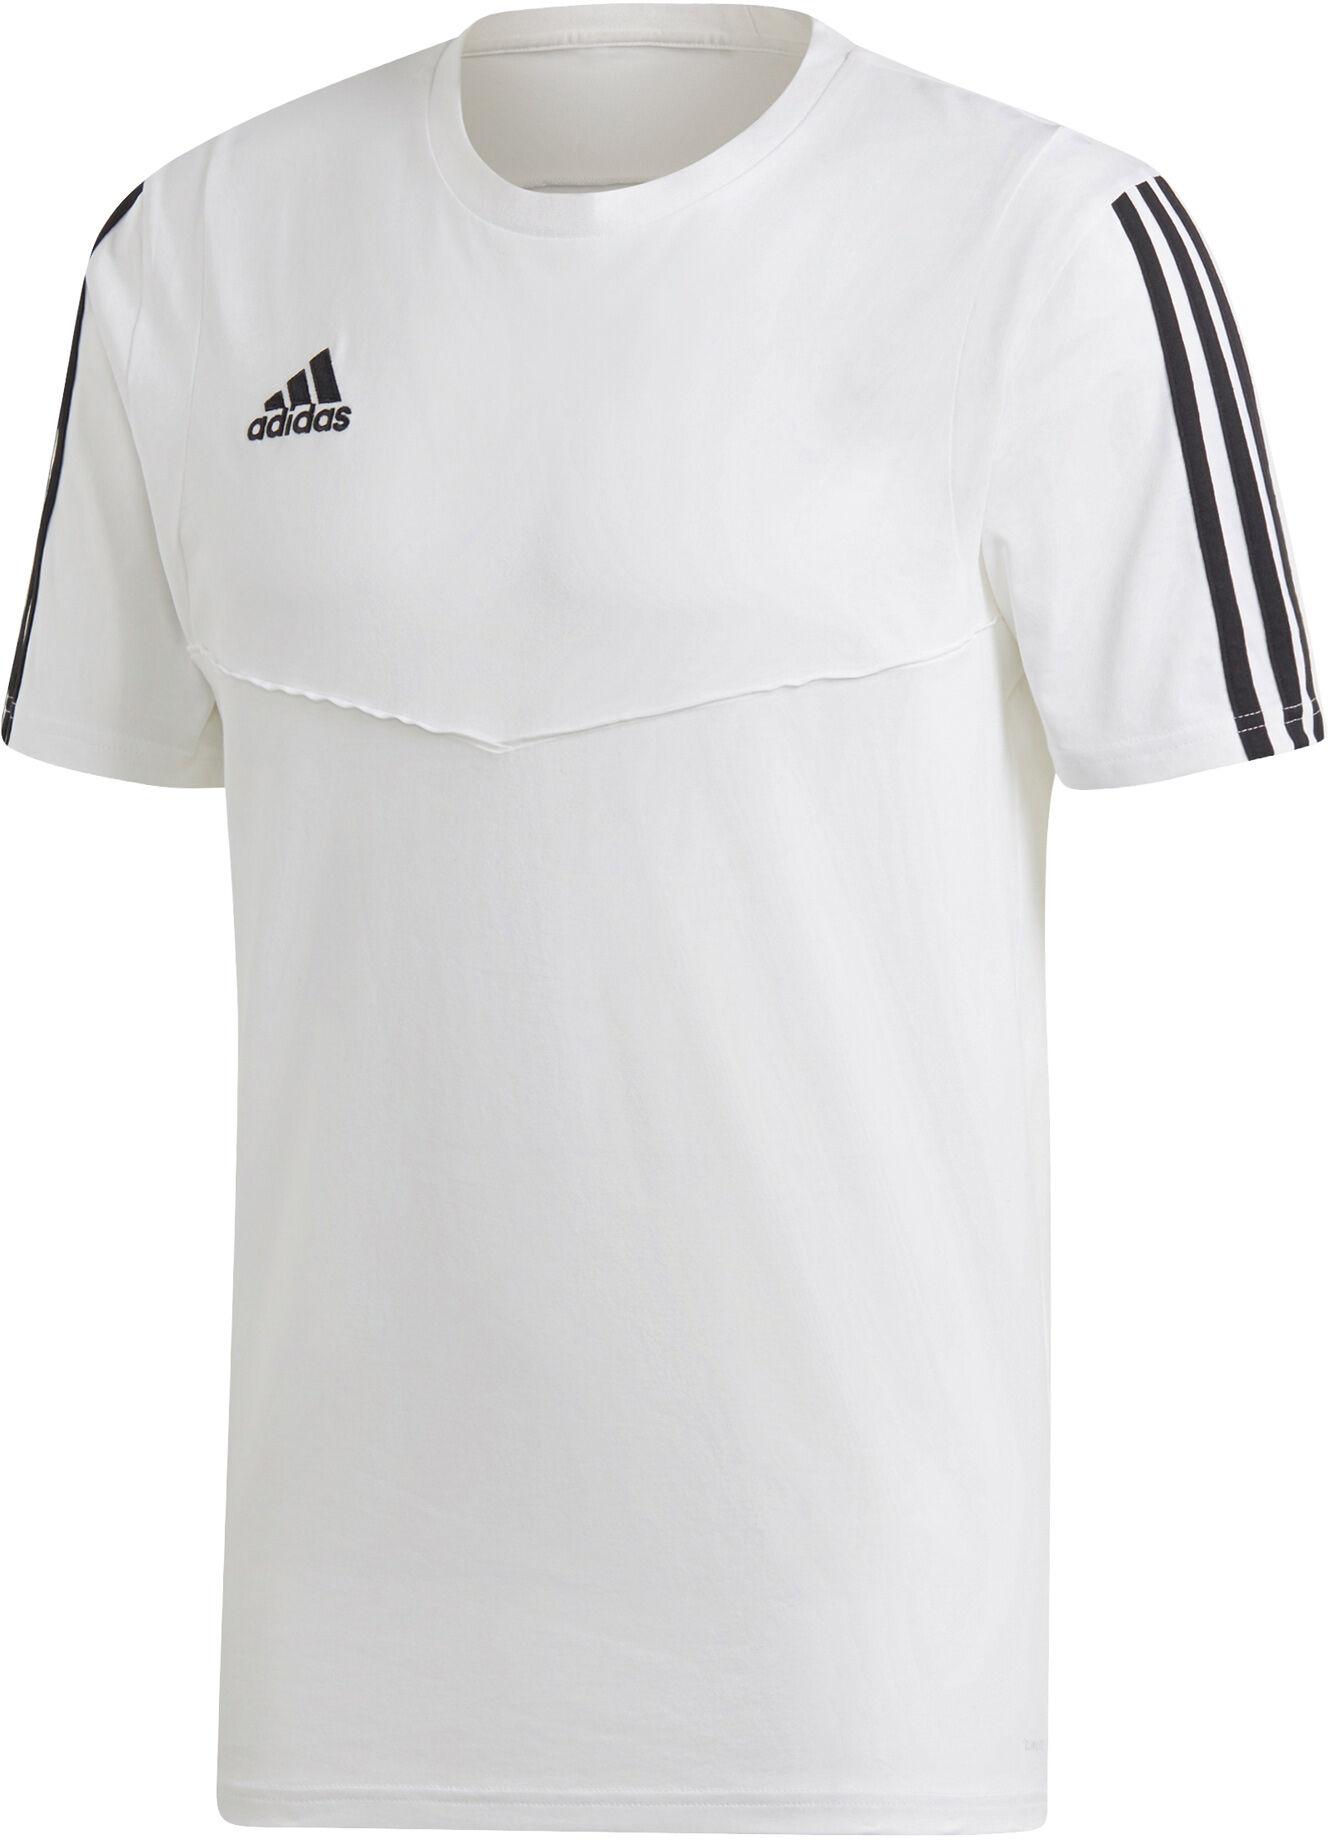 adidas · Tiro 19 T Shirt Herren